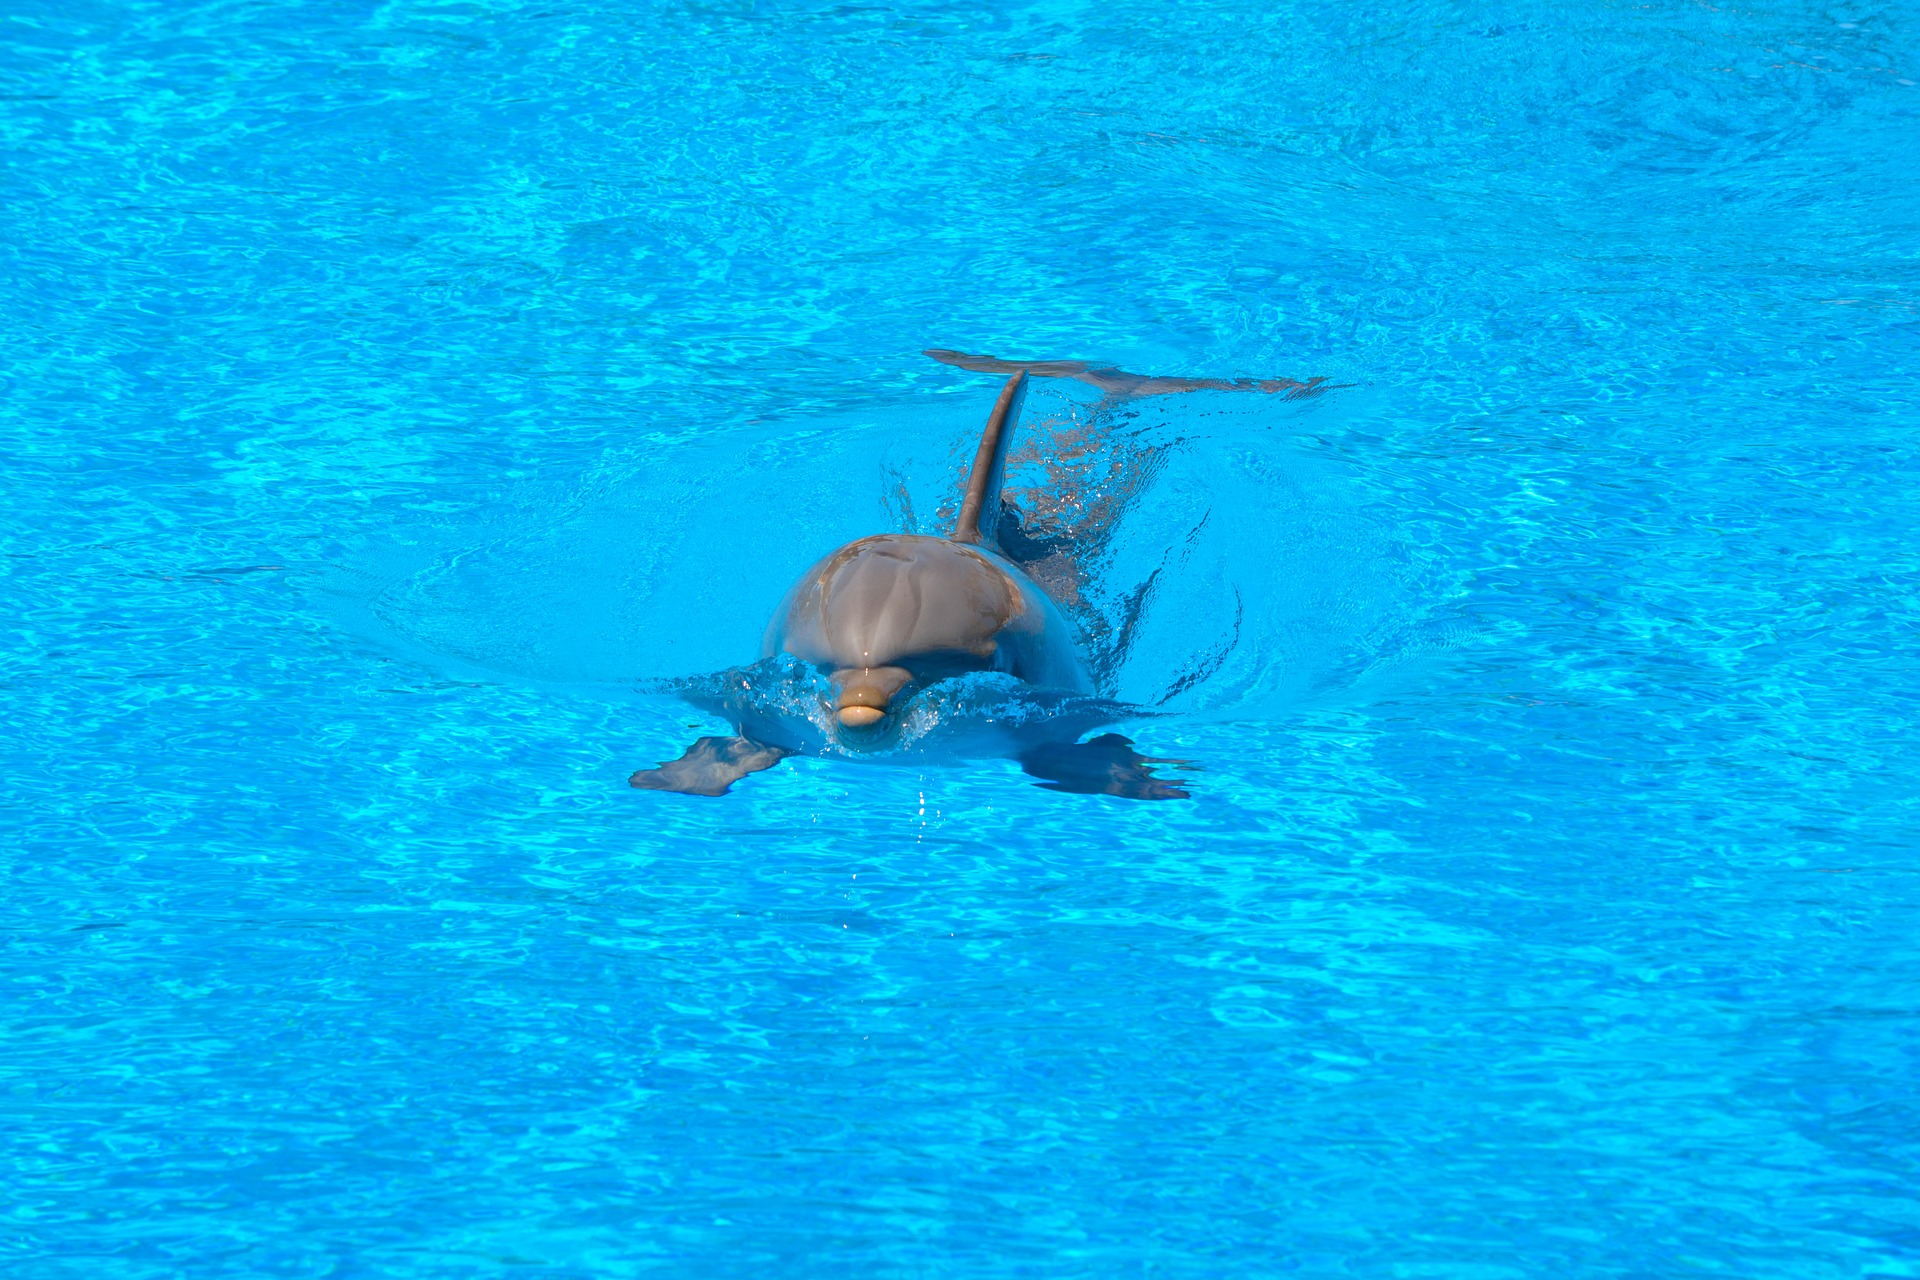 Fondo de pantalla de delf n piscina agua nadar azul for Fondos de piscinas dibujos